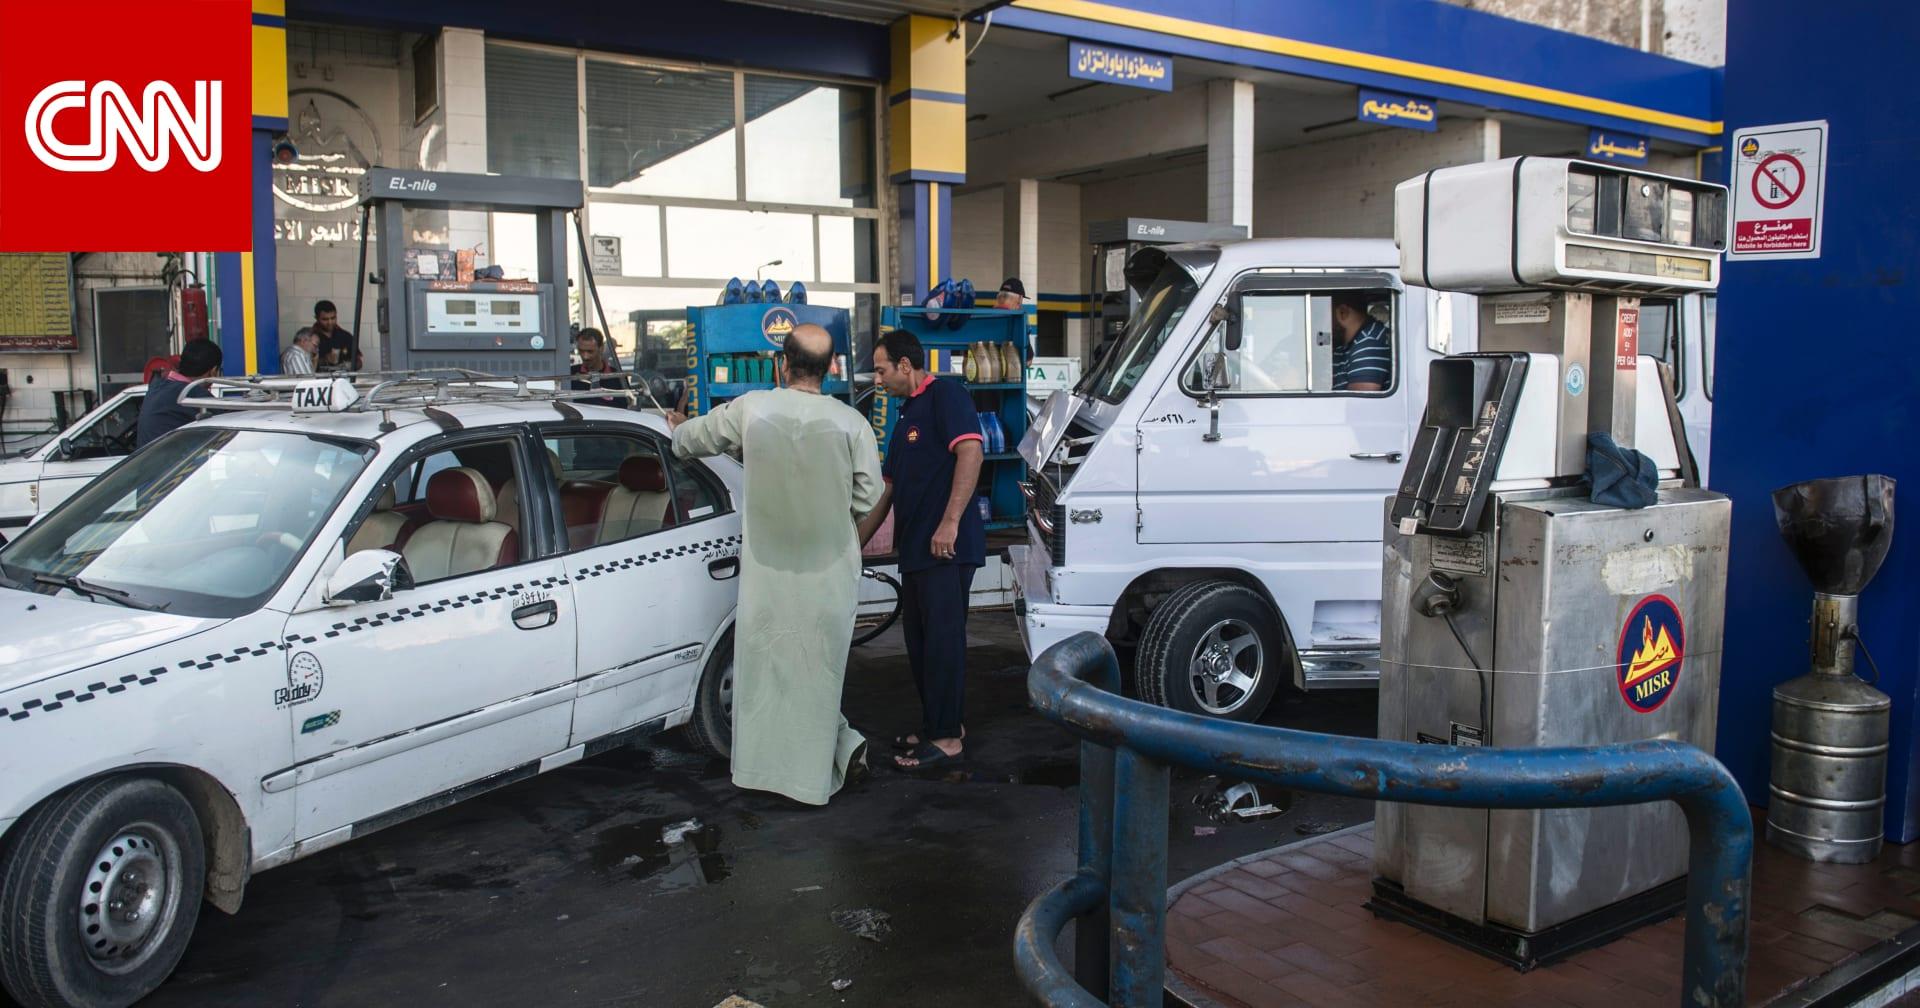 حكومة مصر تعلن تحقيق الاكتفاء الذاتي من منتجات البترول بحلول 2023